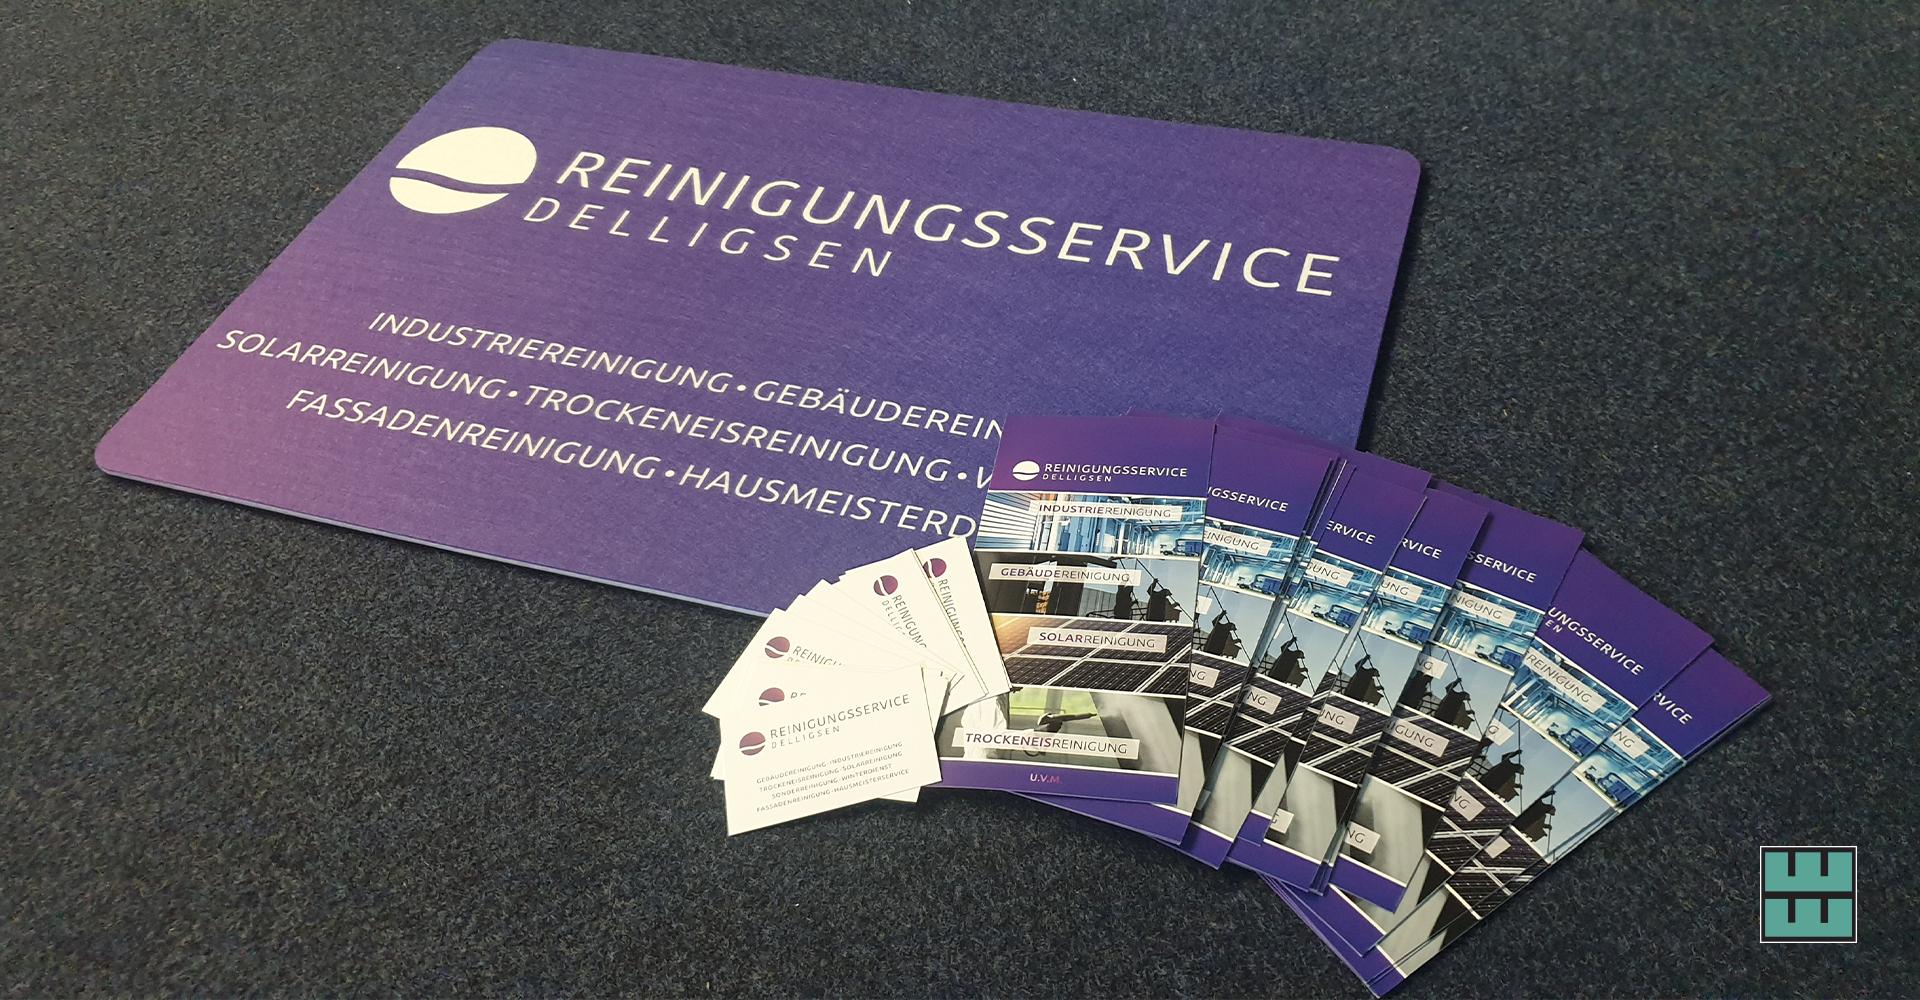 Corporate Design, Logo, Visitenkarten, Briefpapier, Website, Flyer, Fußmatten, Schilder sowie eine Anhängerbeschriftung für Reinigungsservice Delligsen.